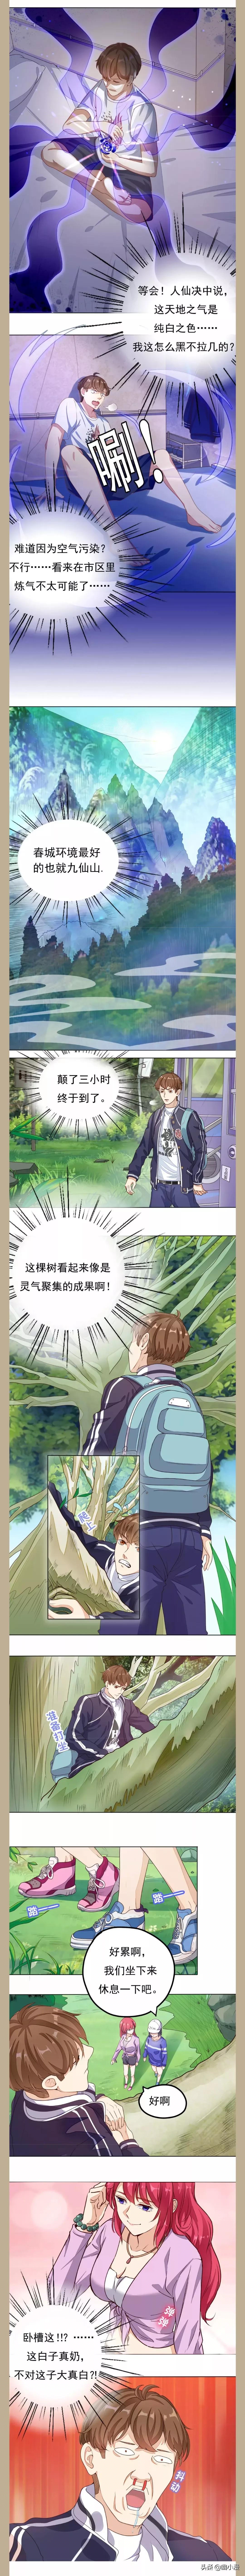 全彩漫画小说《超级微信》-第2话-不是做梦